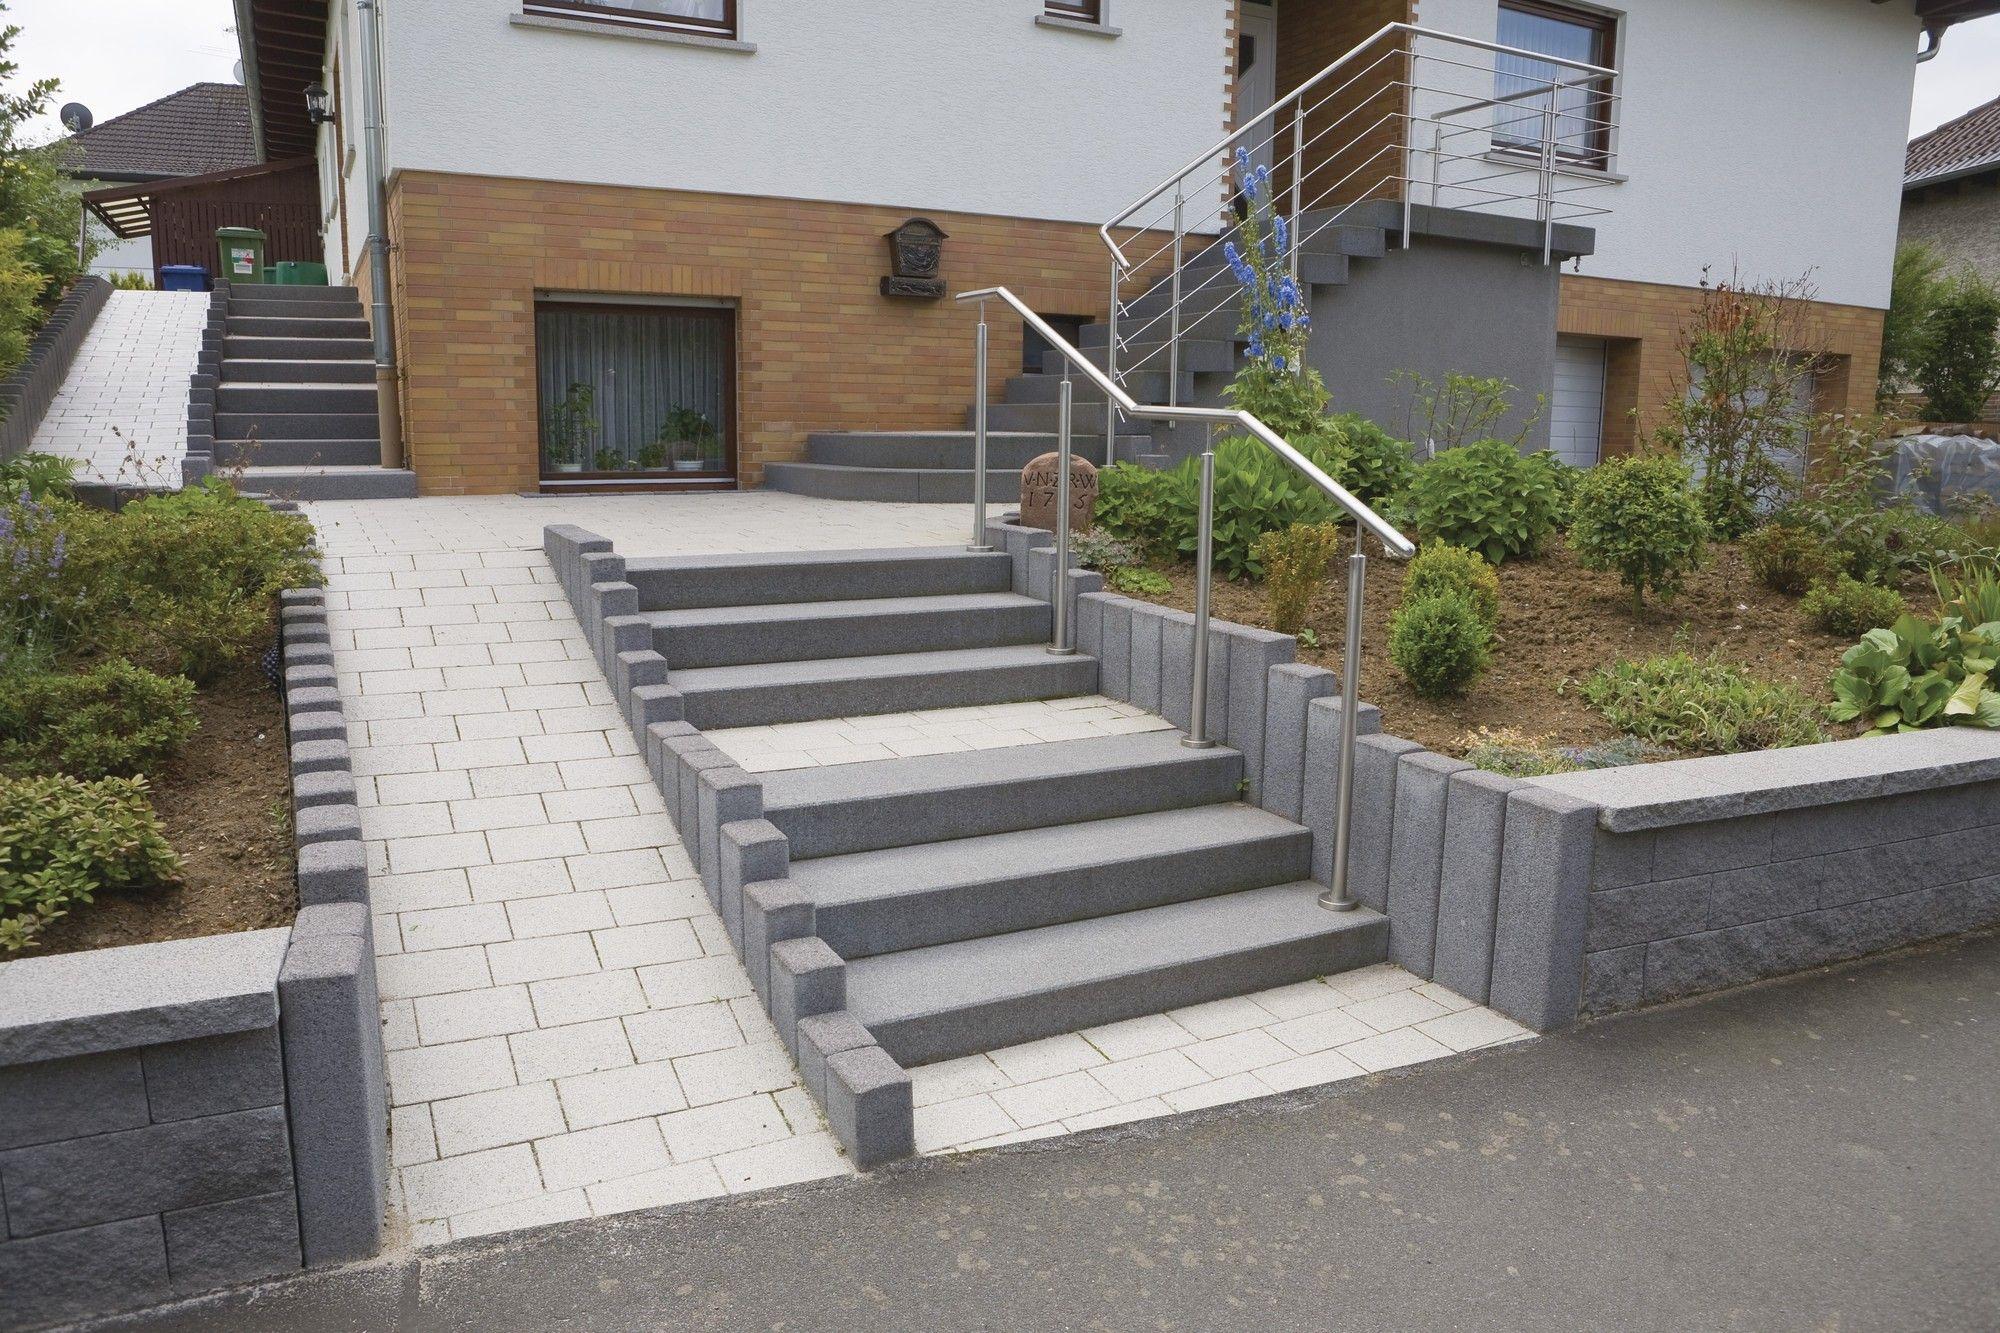 burghofpalisaden 18 x 12 cm von rinn betonsteine und. Black Bedroom Furniture Sets. Home Design Ideas